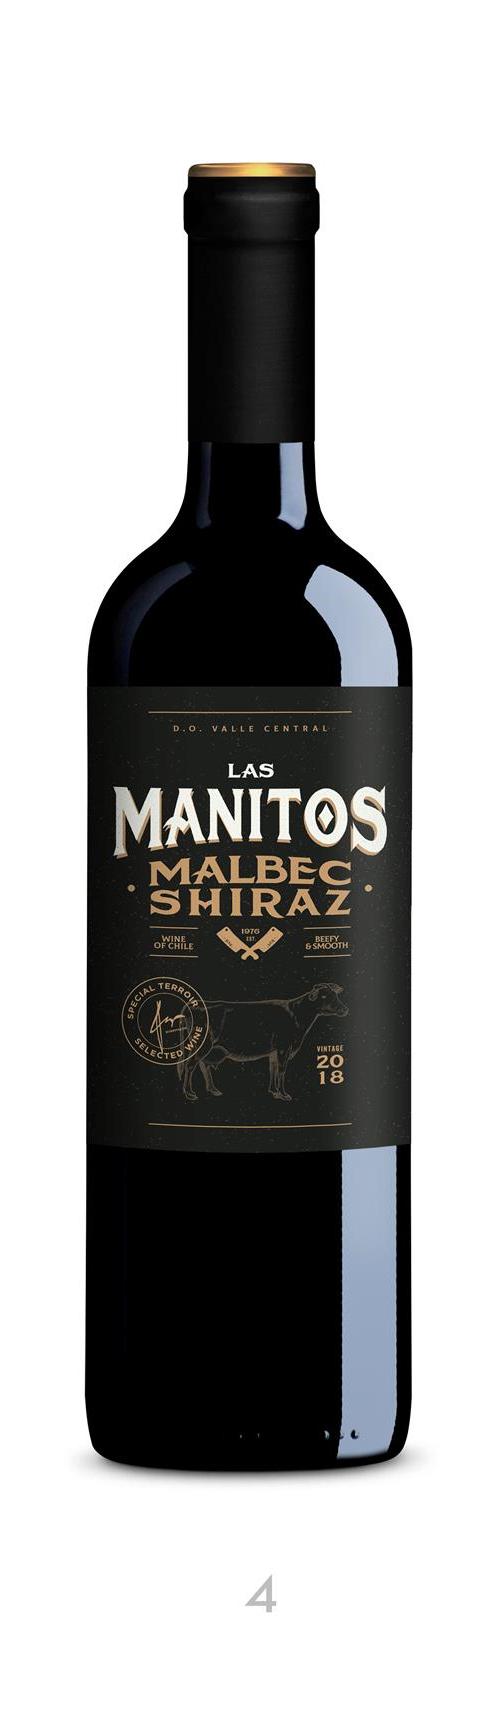 Las Manitos Malbec Shiraz